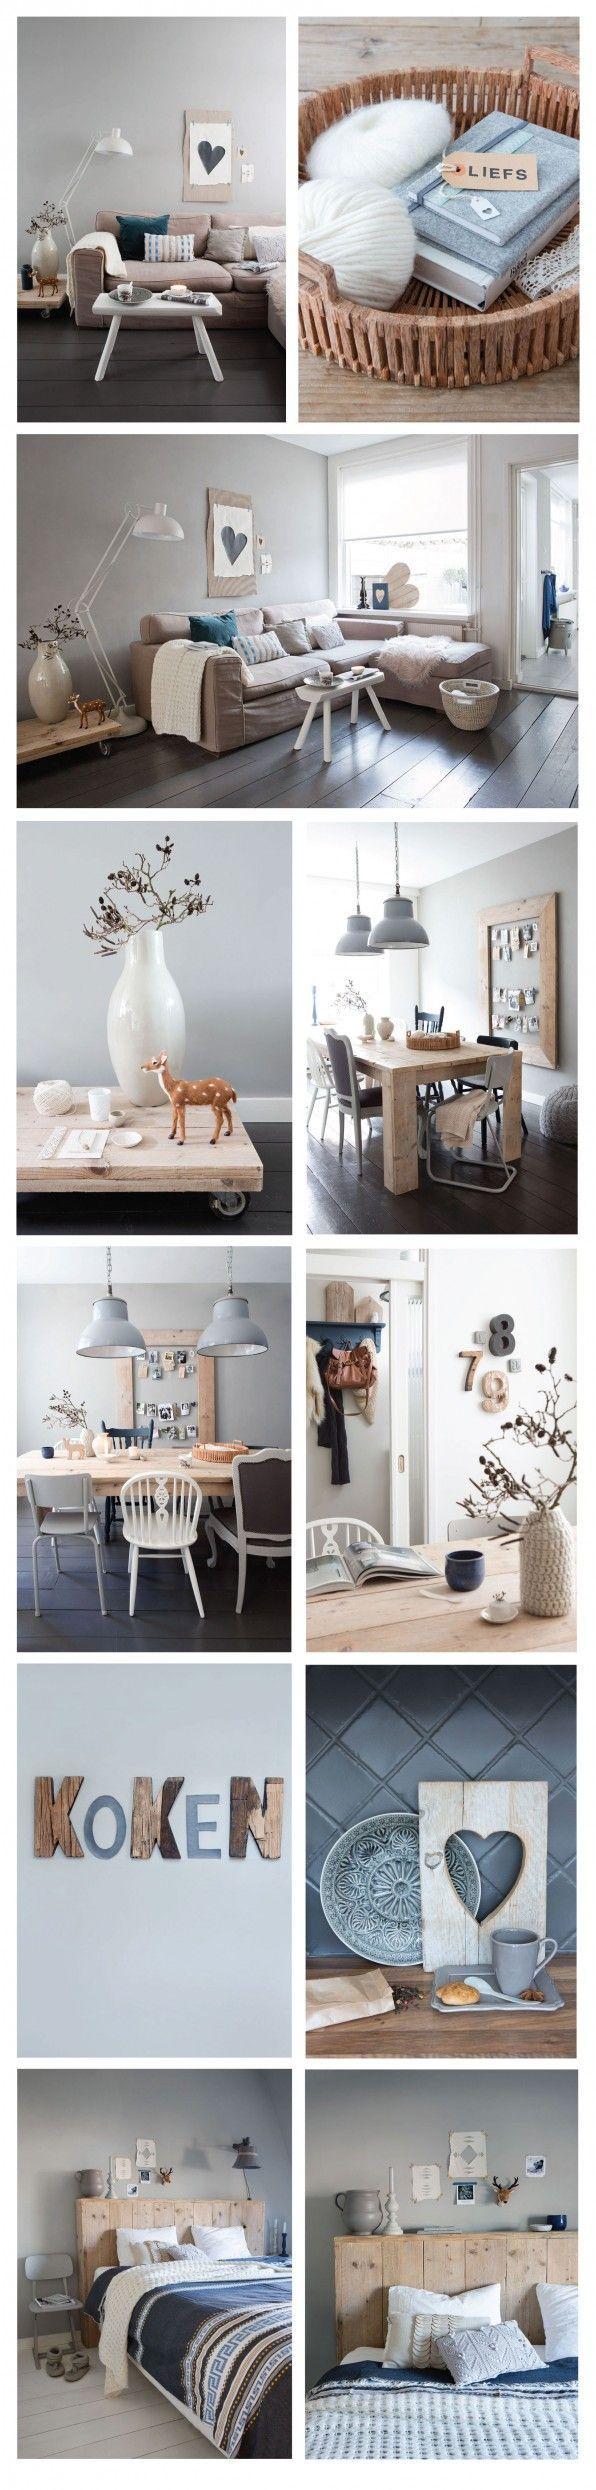 Meer dan 1000 ideeën over Keuken Kleurenschema's op Pinterest ...